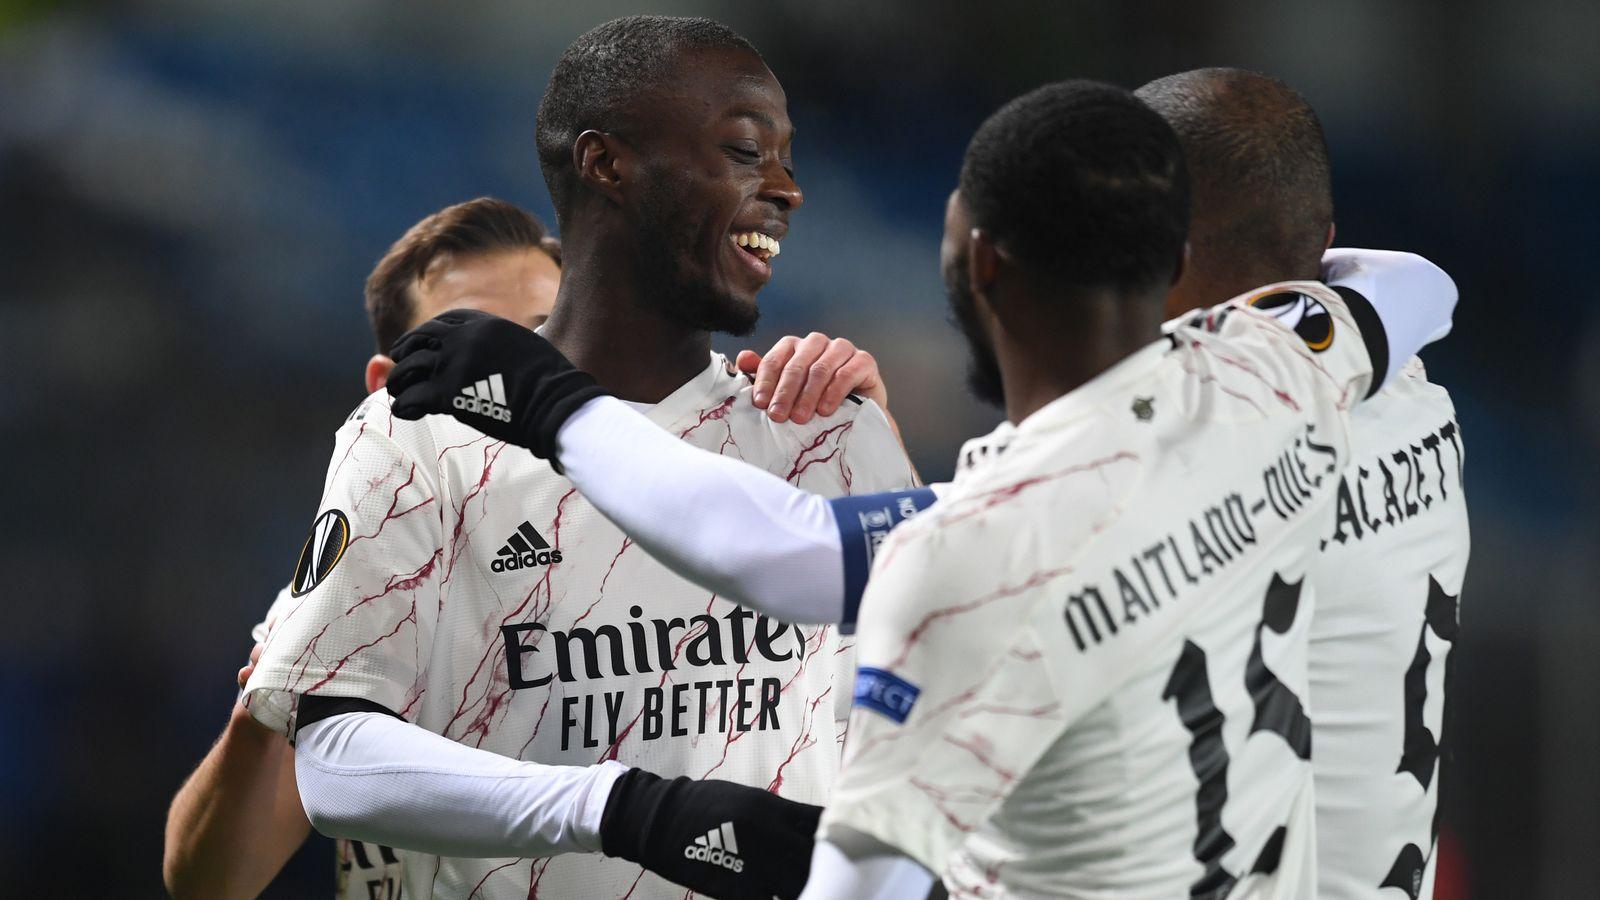 Kết quả cúp C2: Arsenal và Tottenham thắng tưng bừng. Milan bị cầm chân